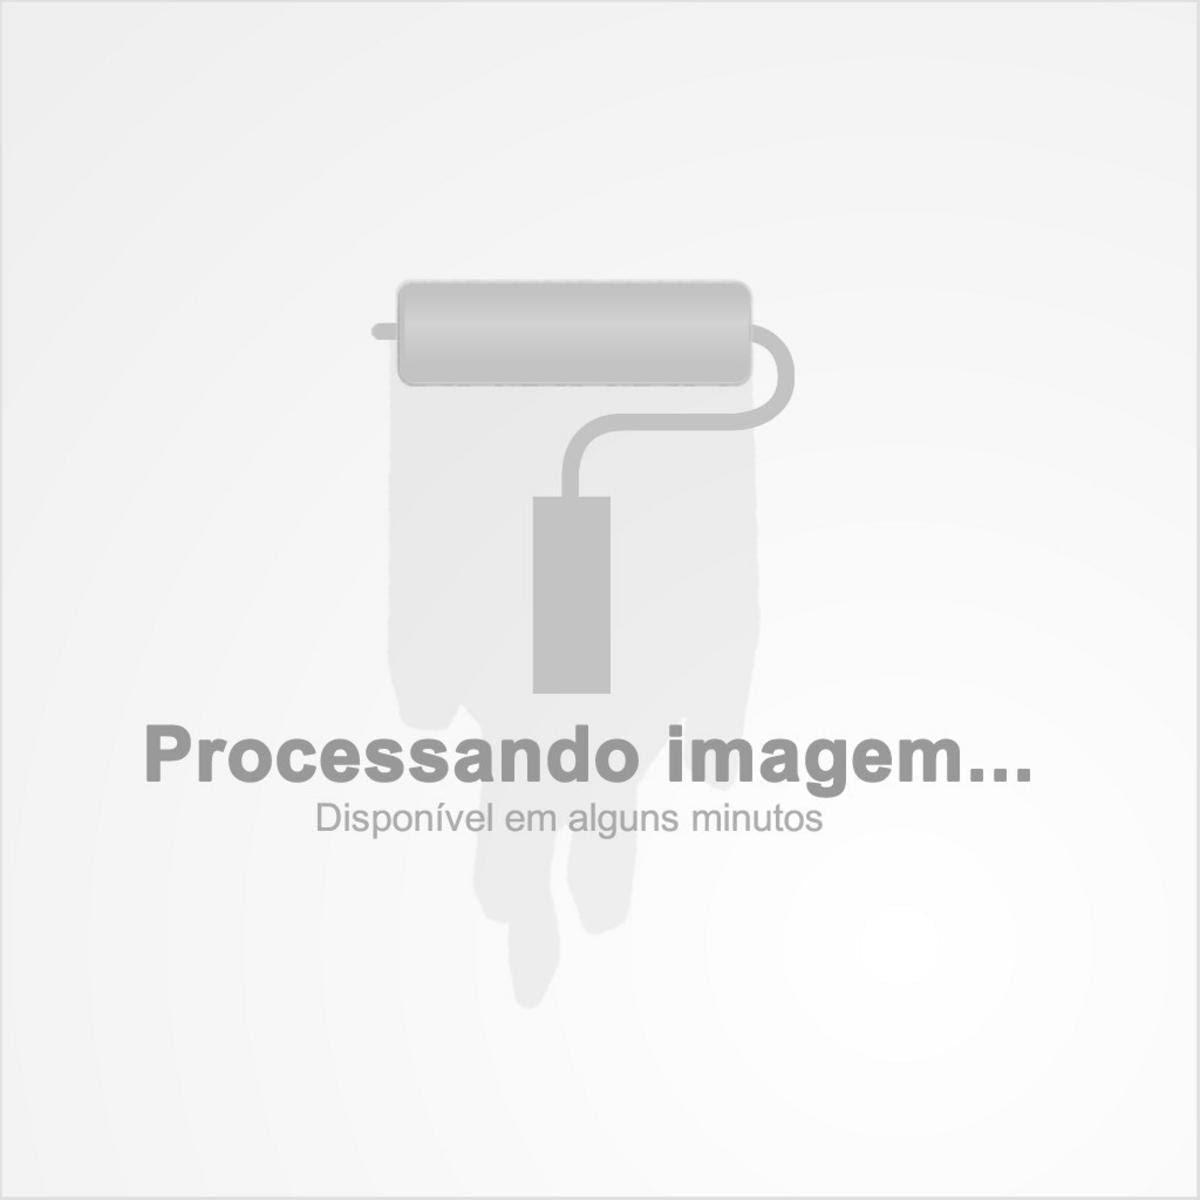 Eletroventilador - Logan 13/sandero 14 C/ar Antigo